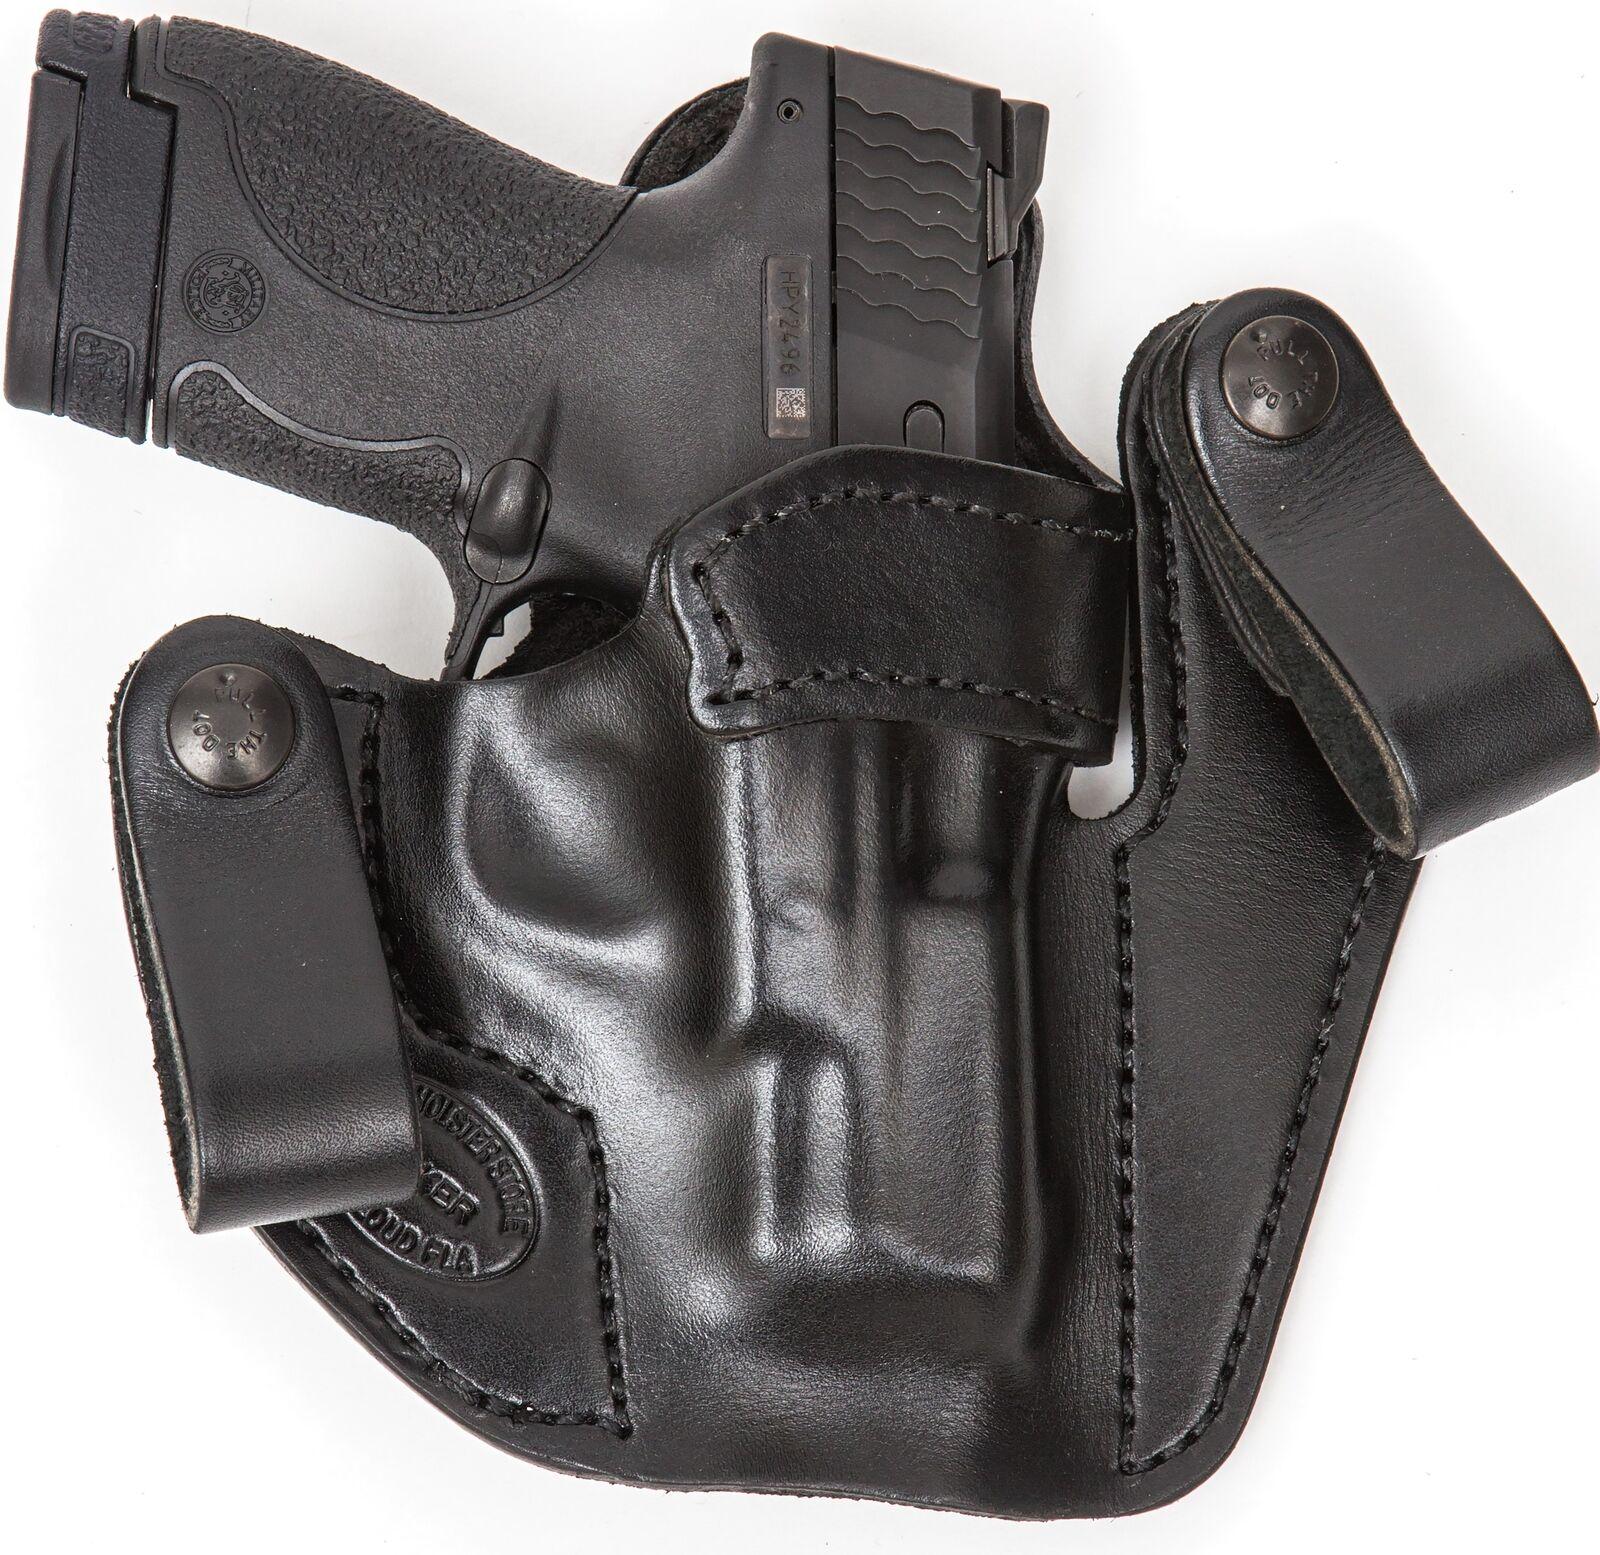 XTREME llevar RH LH dentro de de de la cintura de cuero Funda Pistola para 1911 carril de 3  82eee0